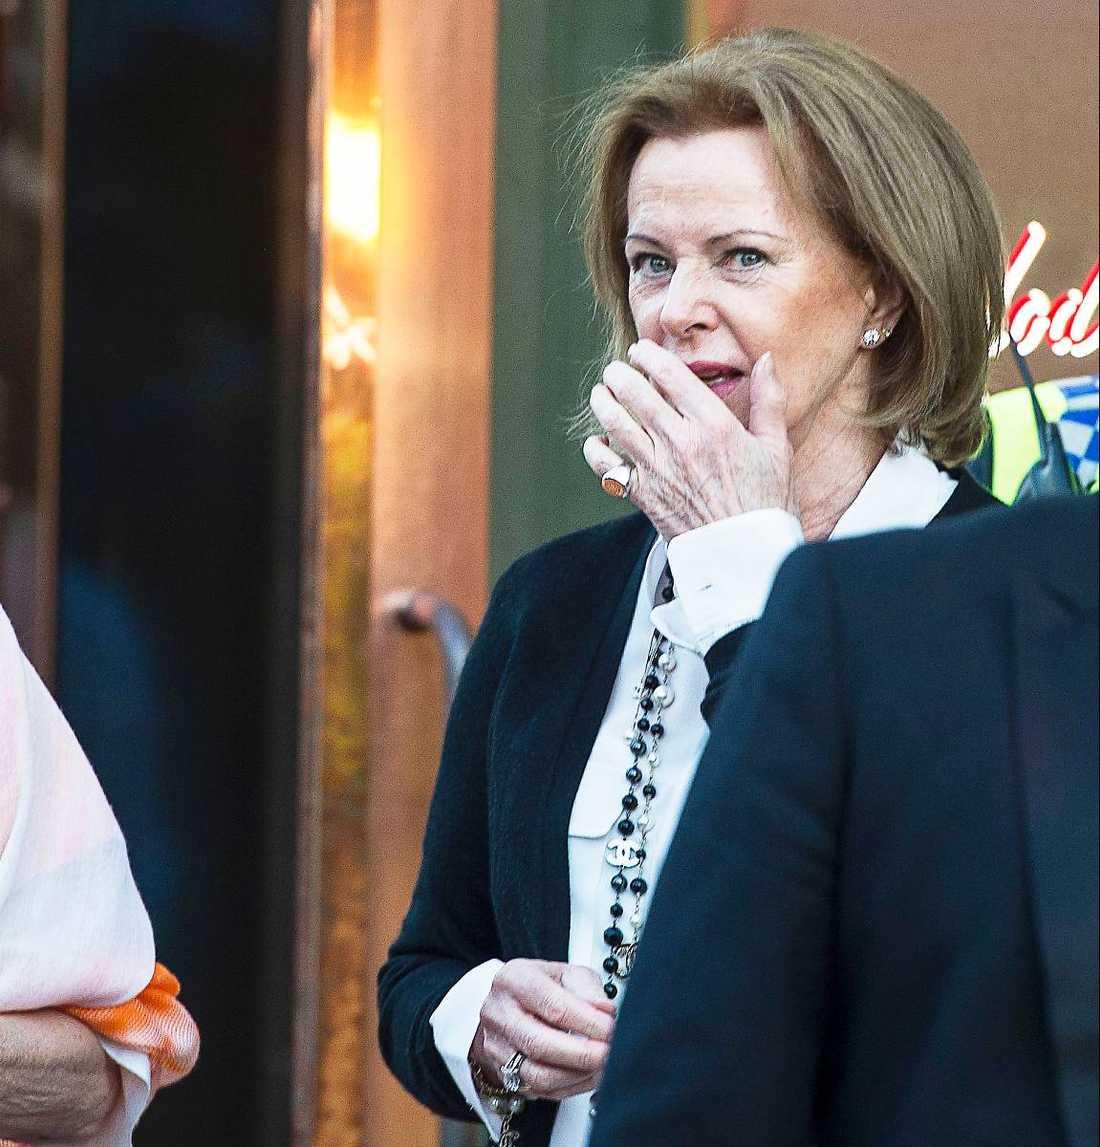 Anni-Frid Lyngstad, Benny Andersson och Björn Ulvaeus kom till invigningen av det nya ABBA-museet i går kväll. Men de saknade Agnetha Fältskog som är i London på pr-turné.